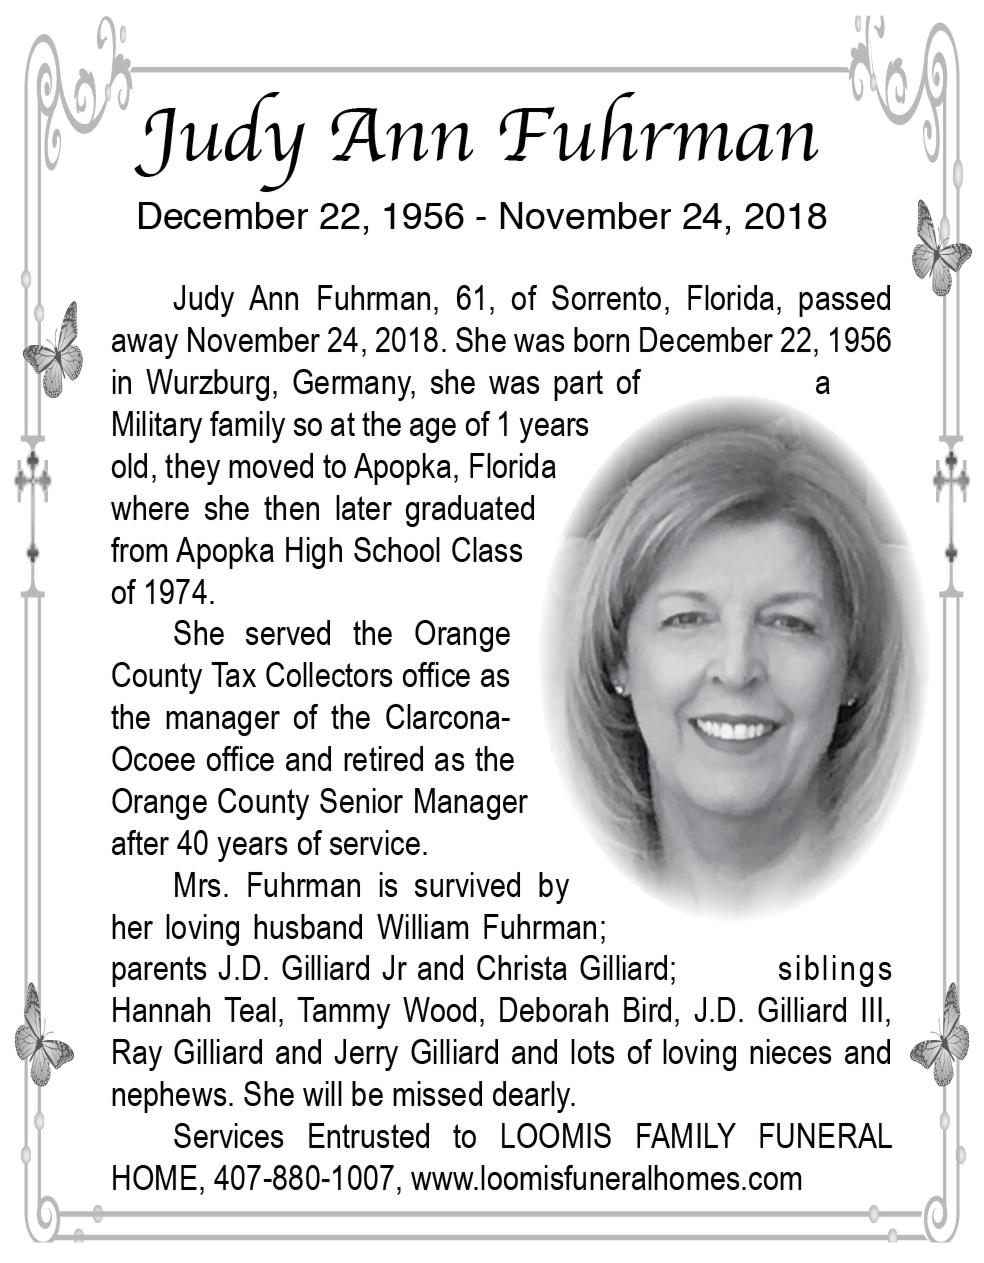 Judy Ann Fuhrman